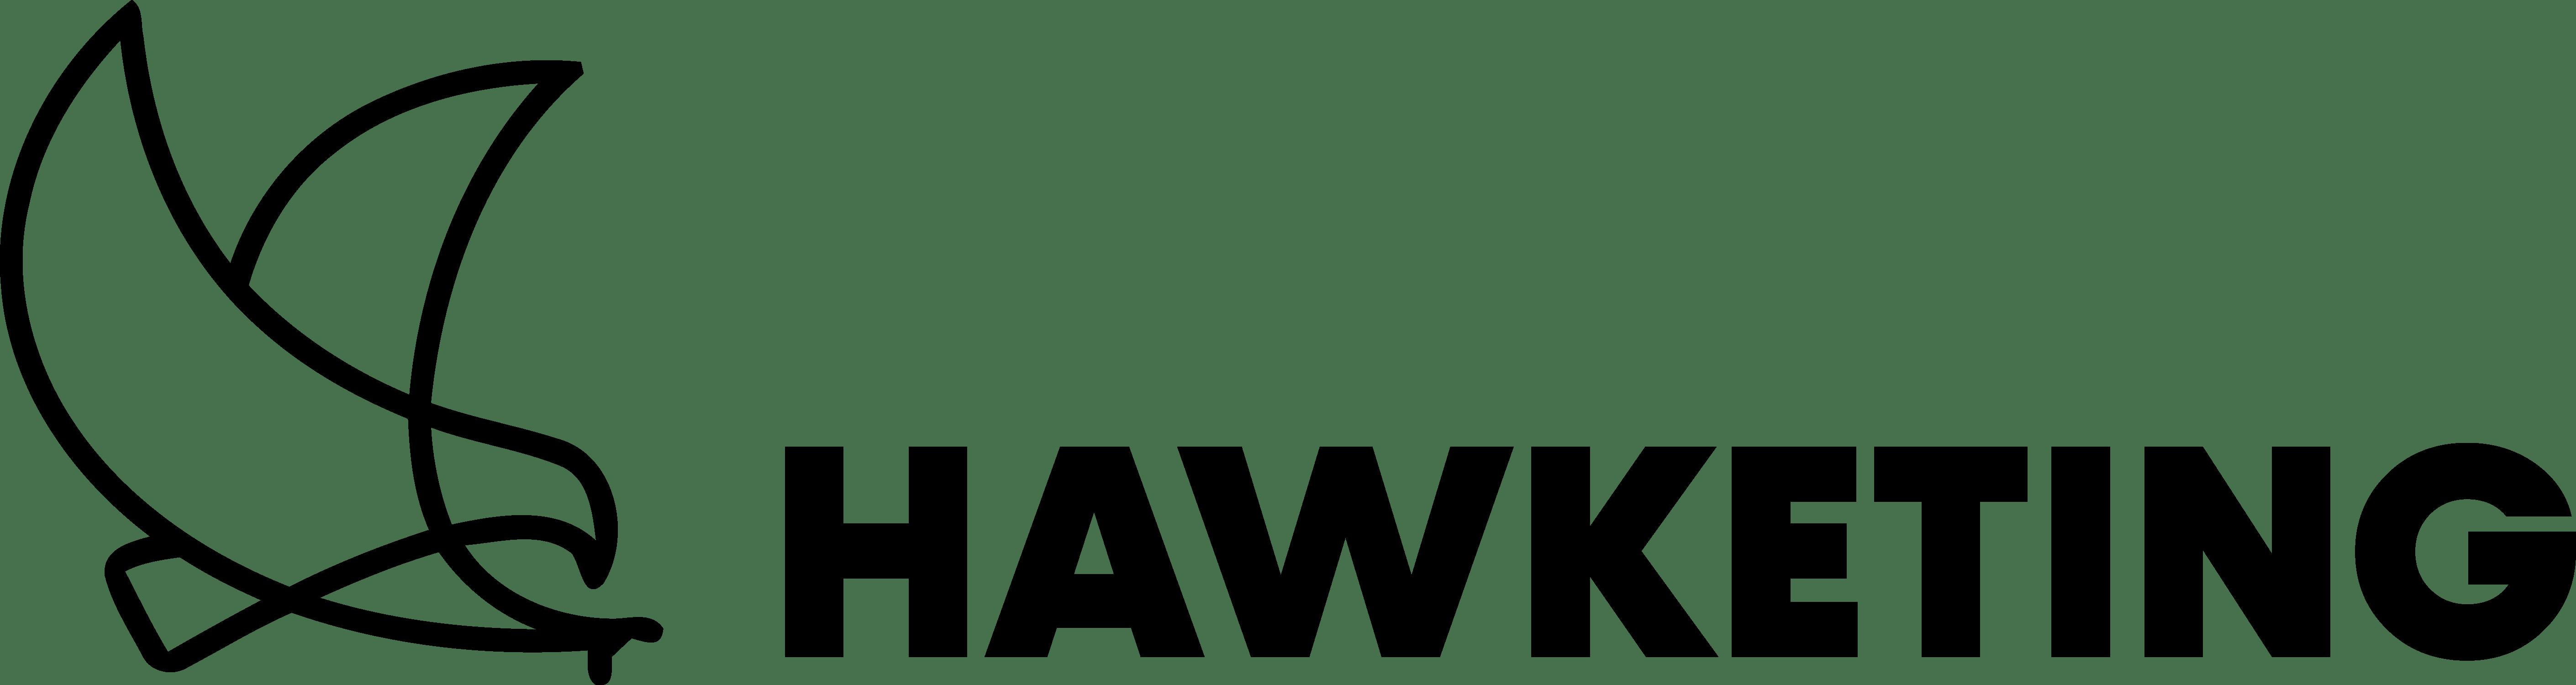 Hawketing